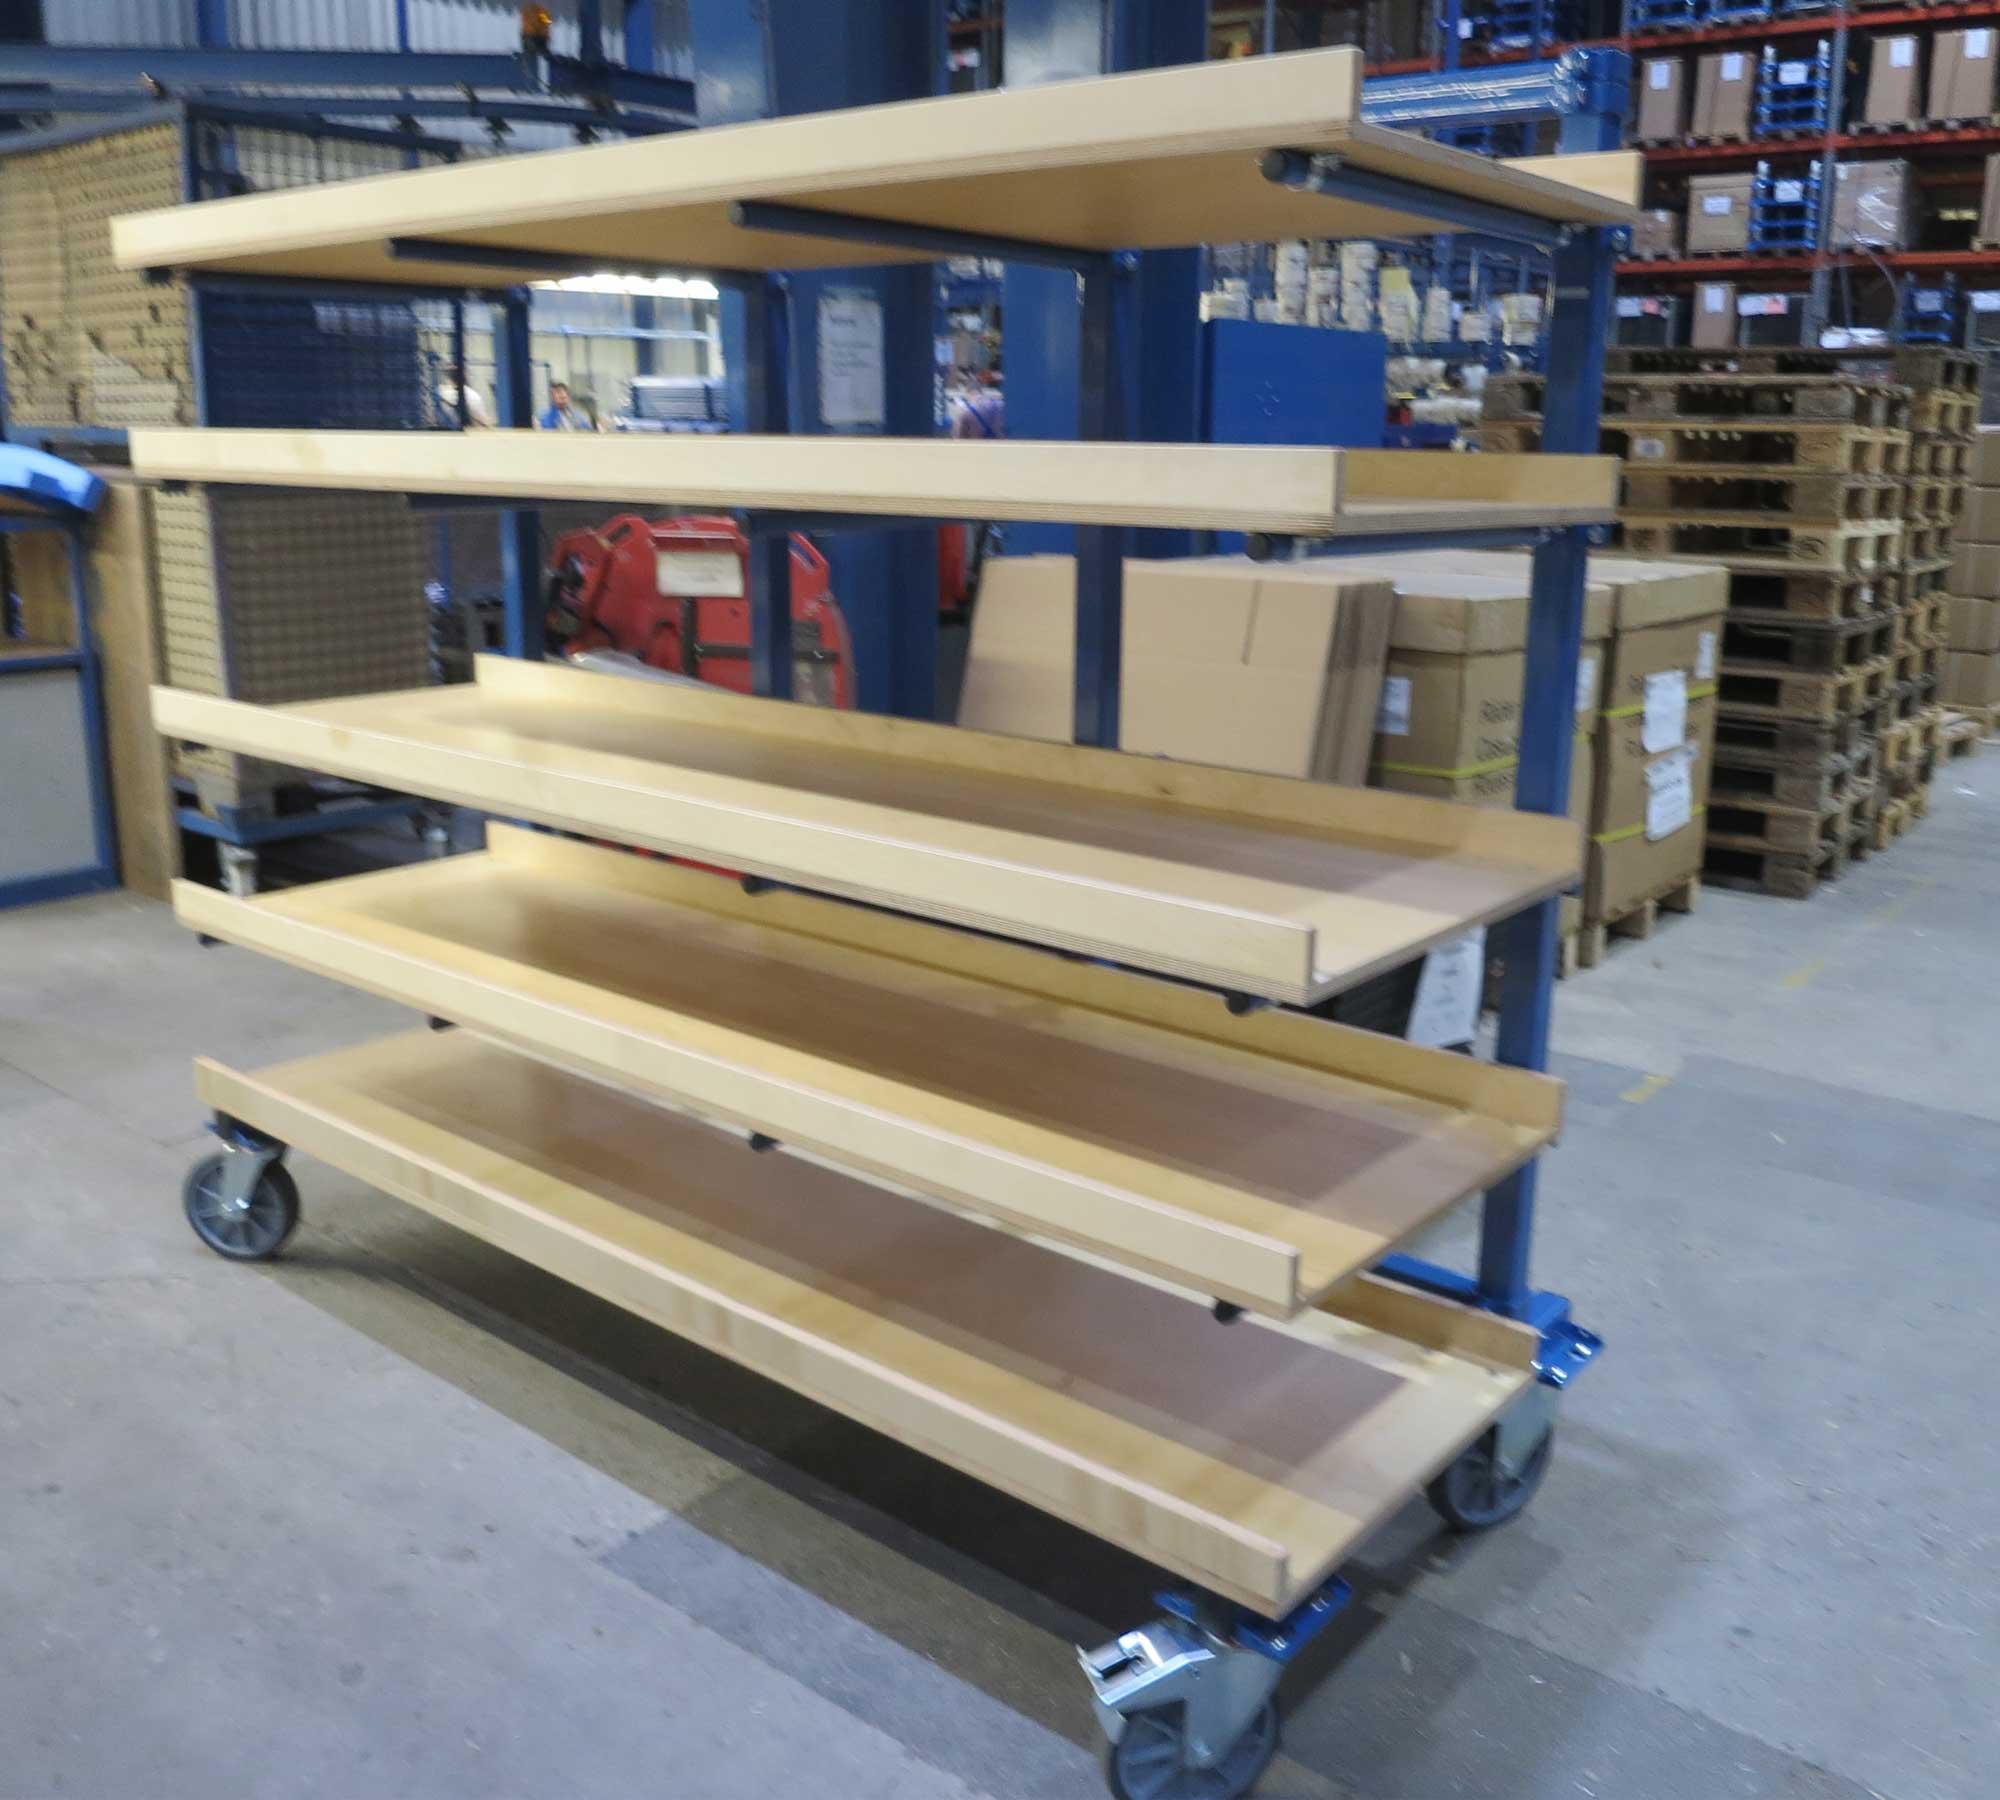 Hordenwagen mit 4 per Schraubschelle befestigen 2 Meter langen Multiplexböden (vorne mit Abrutschsicherung) und je 80 kg Traglast